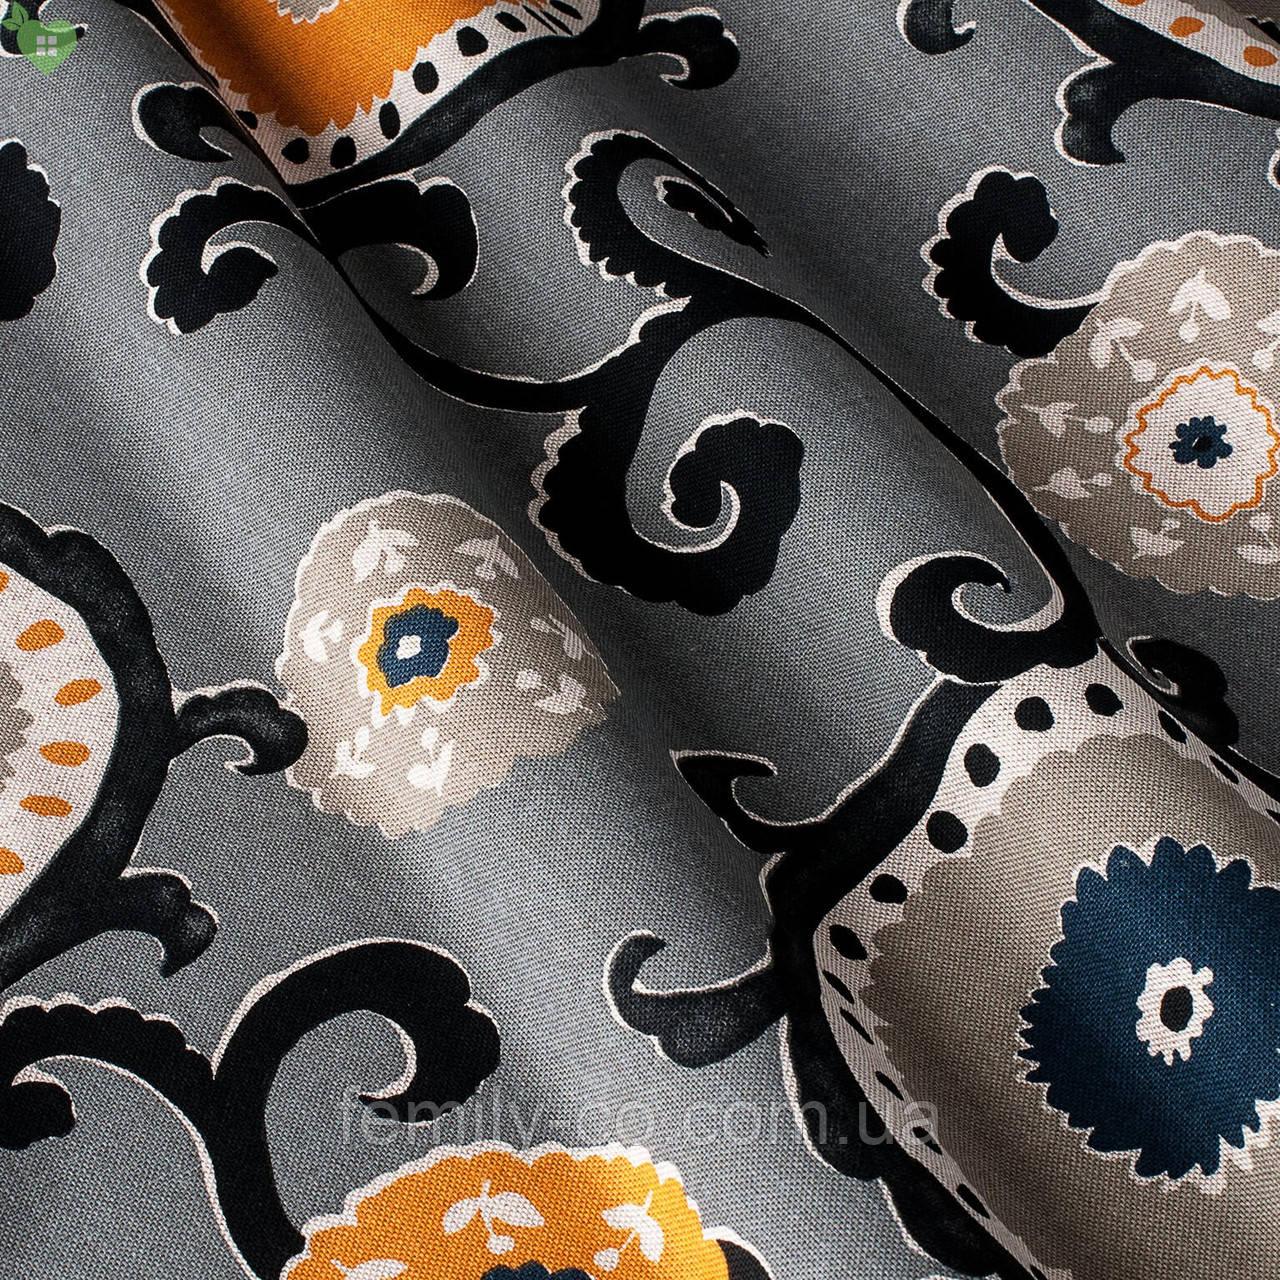 Декоративная ткань узорчатые круги с черными стеблями растений на пурпурном фоне Испания 82674v1